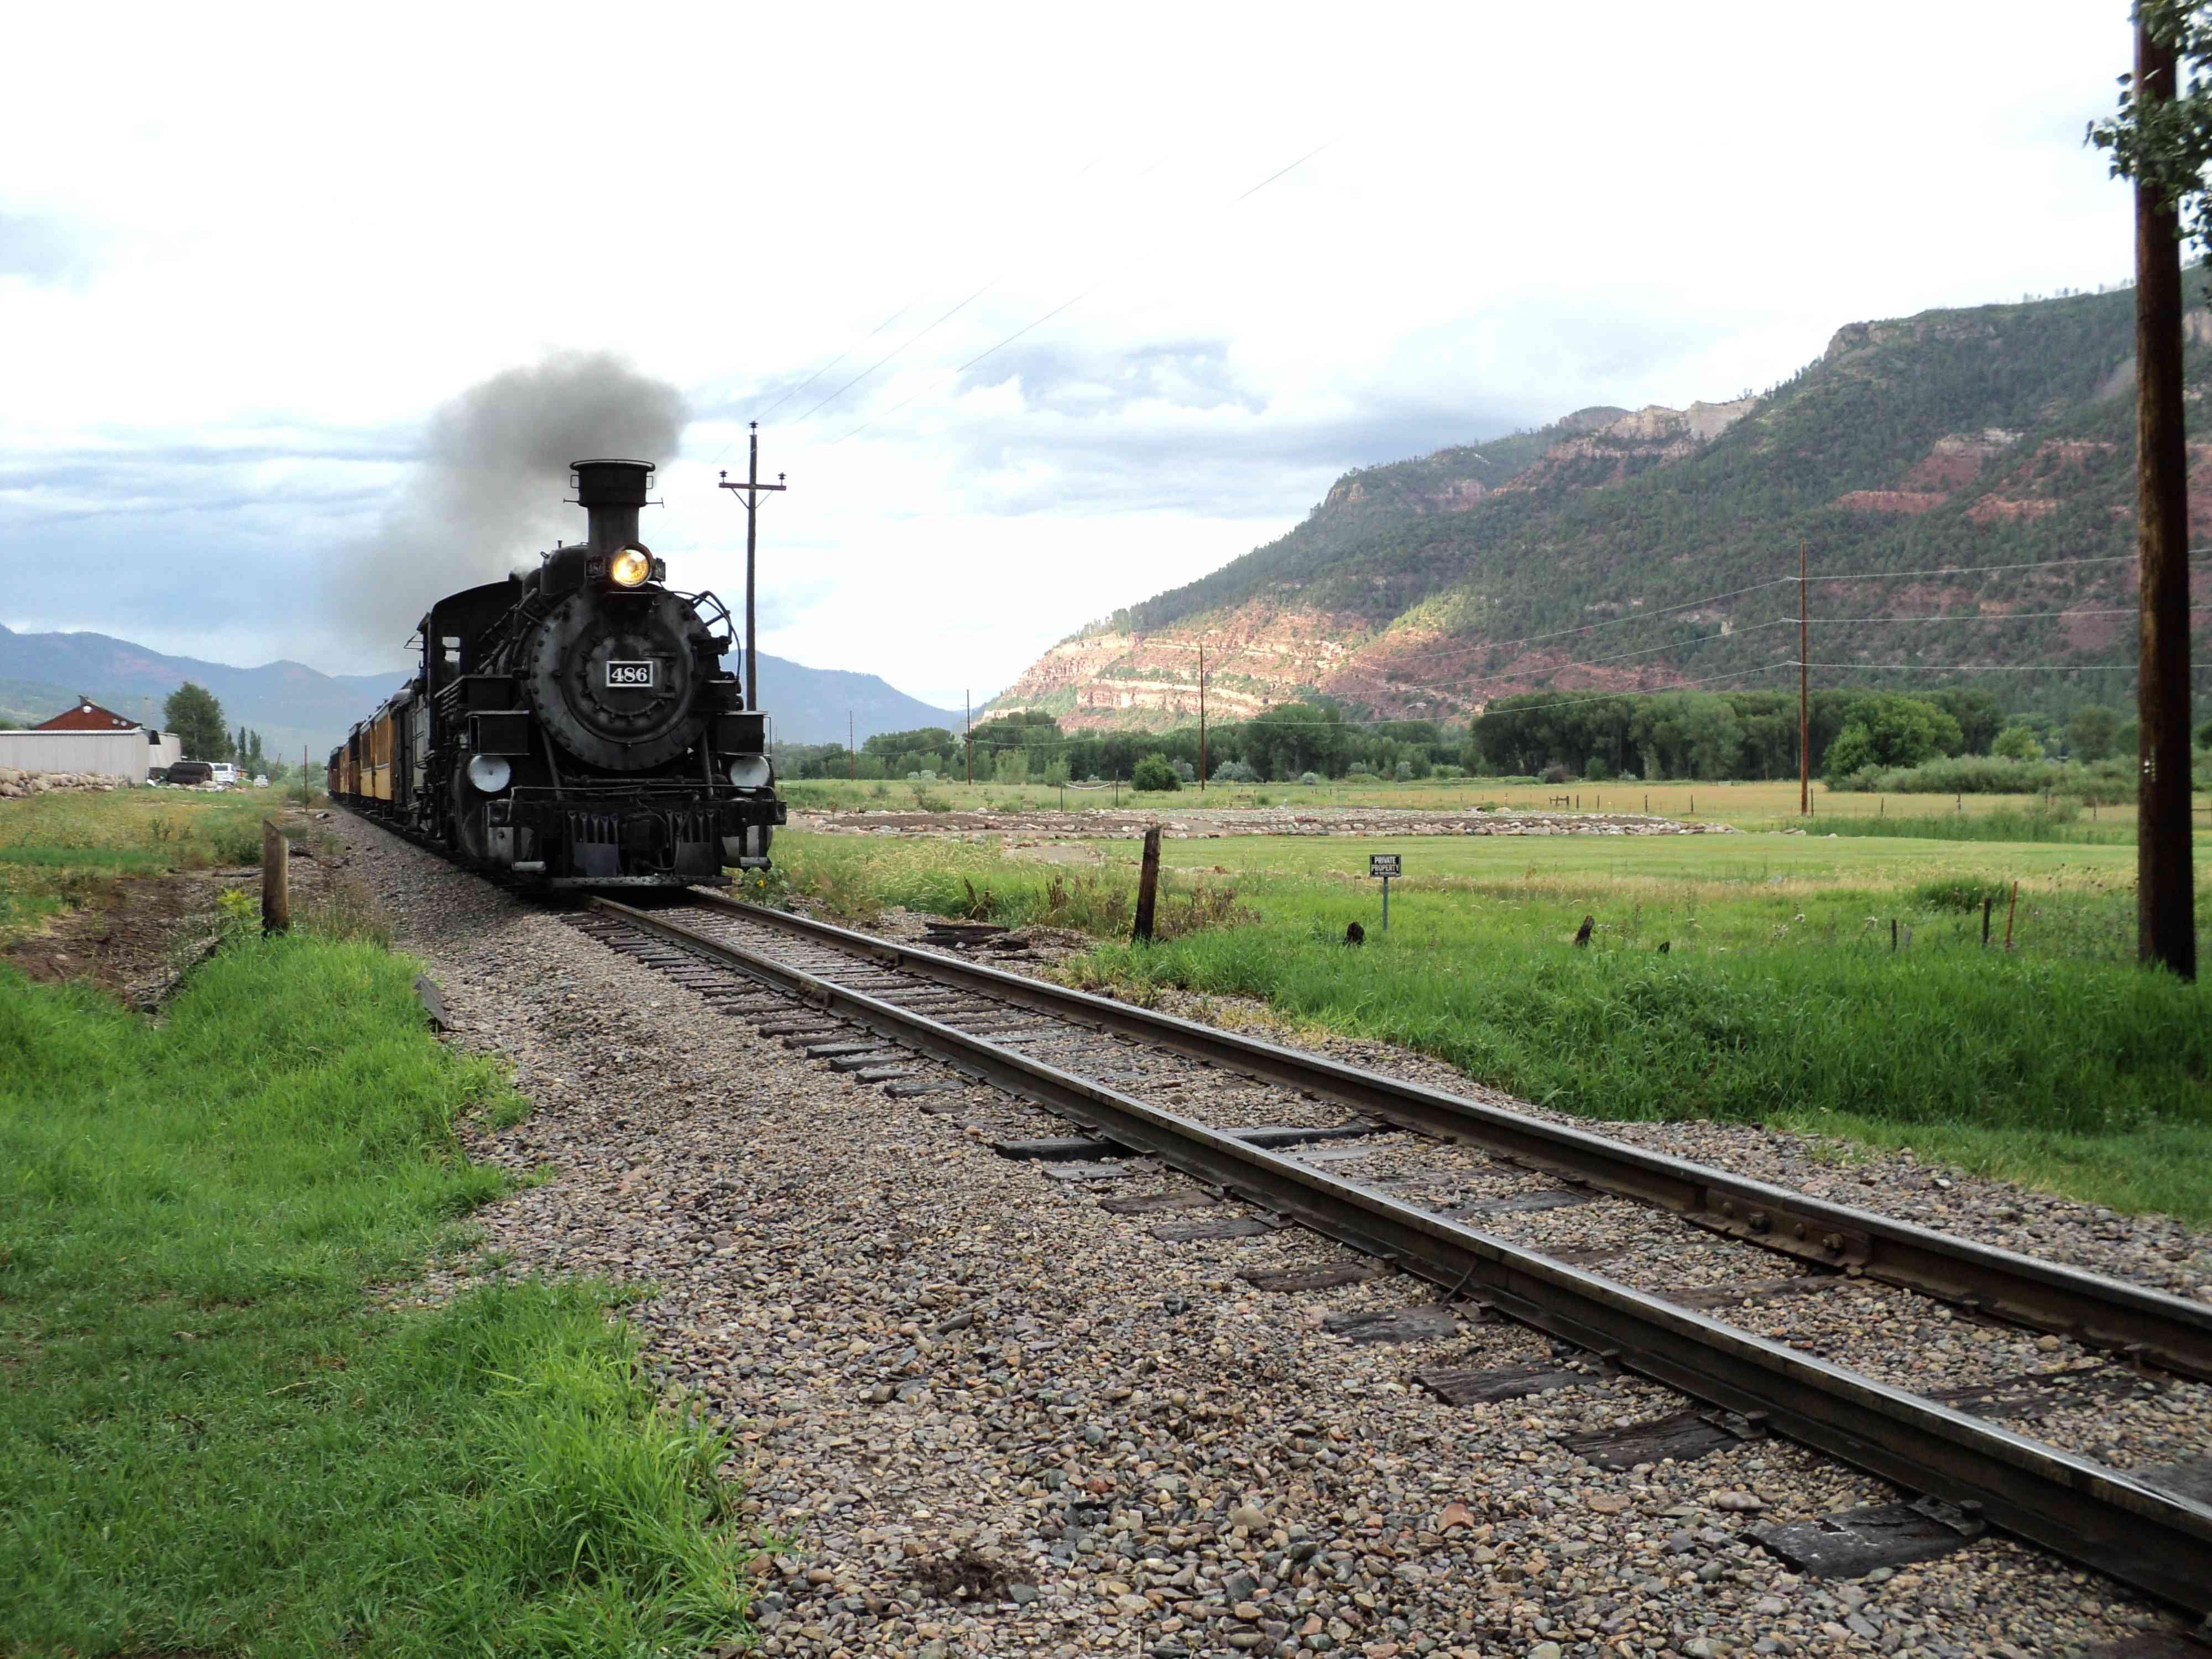 Narrow-Gauge Railroad, Durango